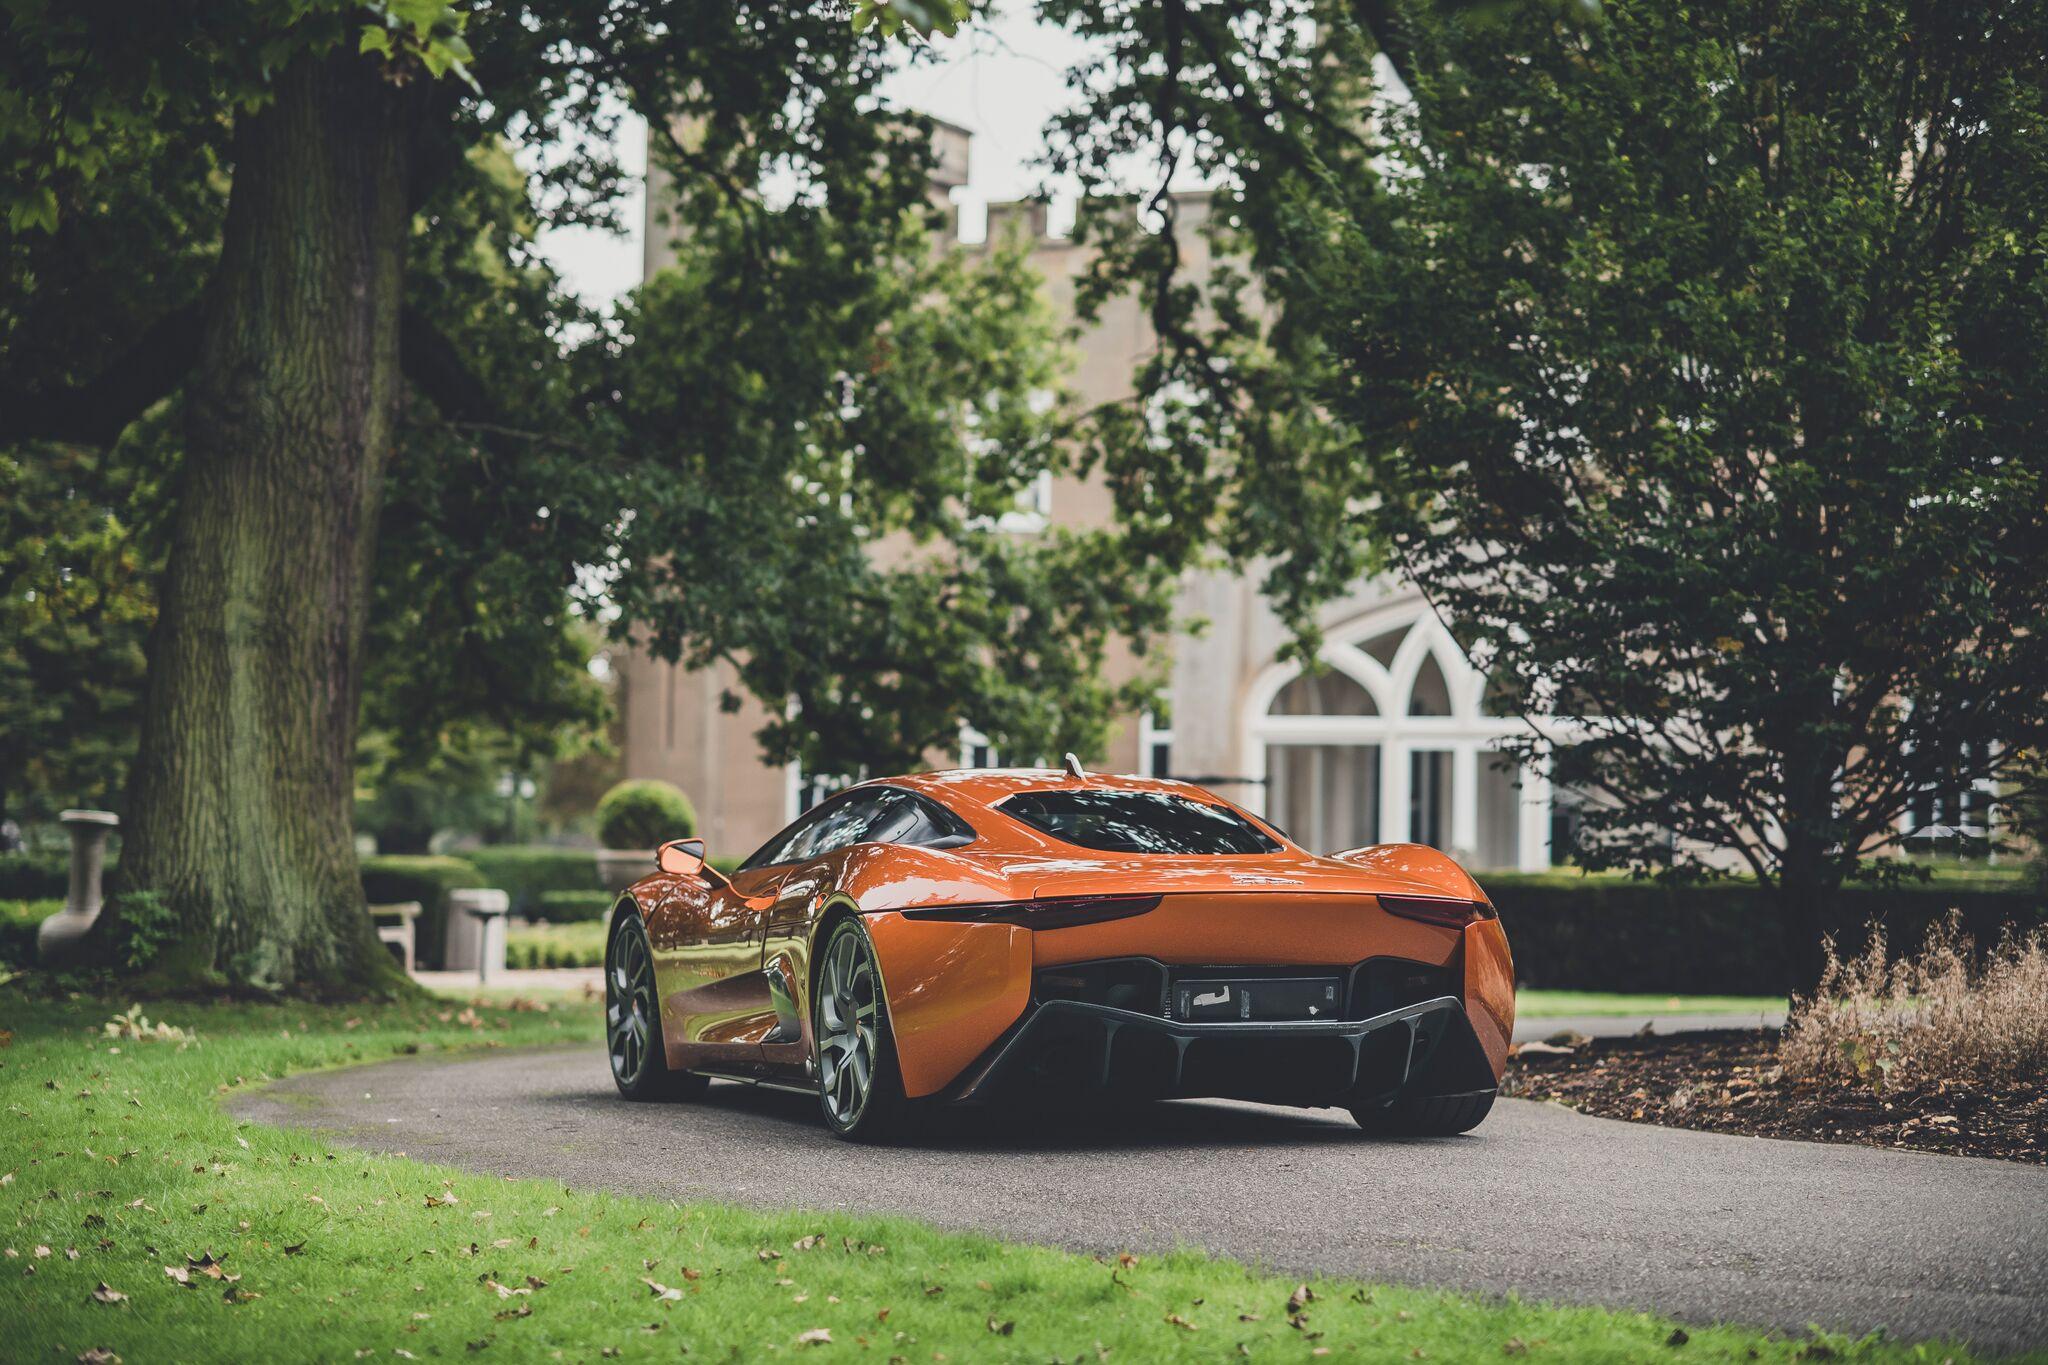 سيارة جيمس بوند الكلاسيكية